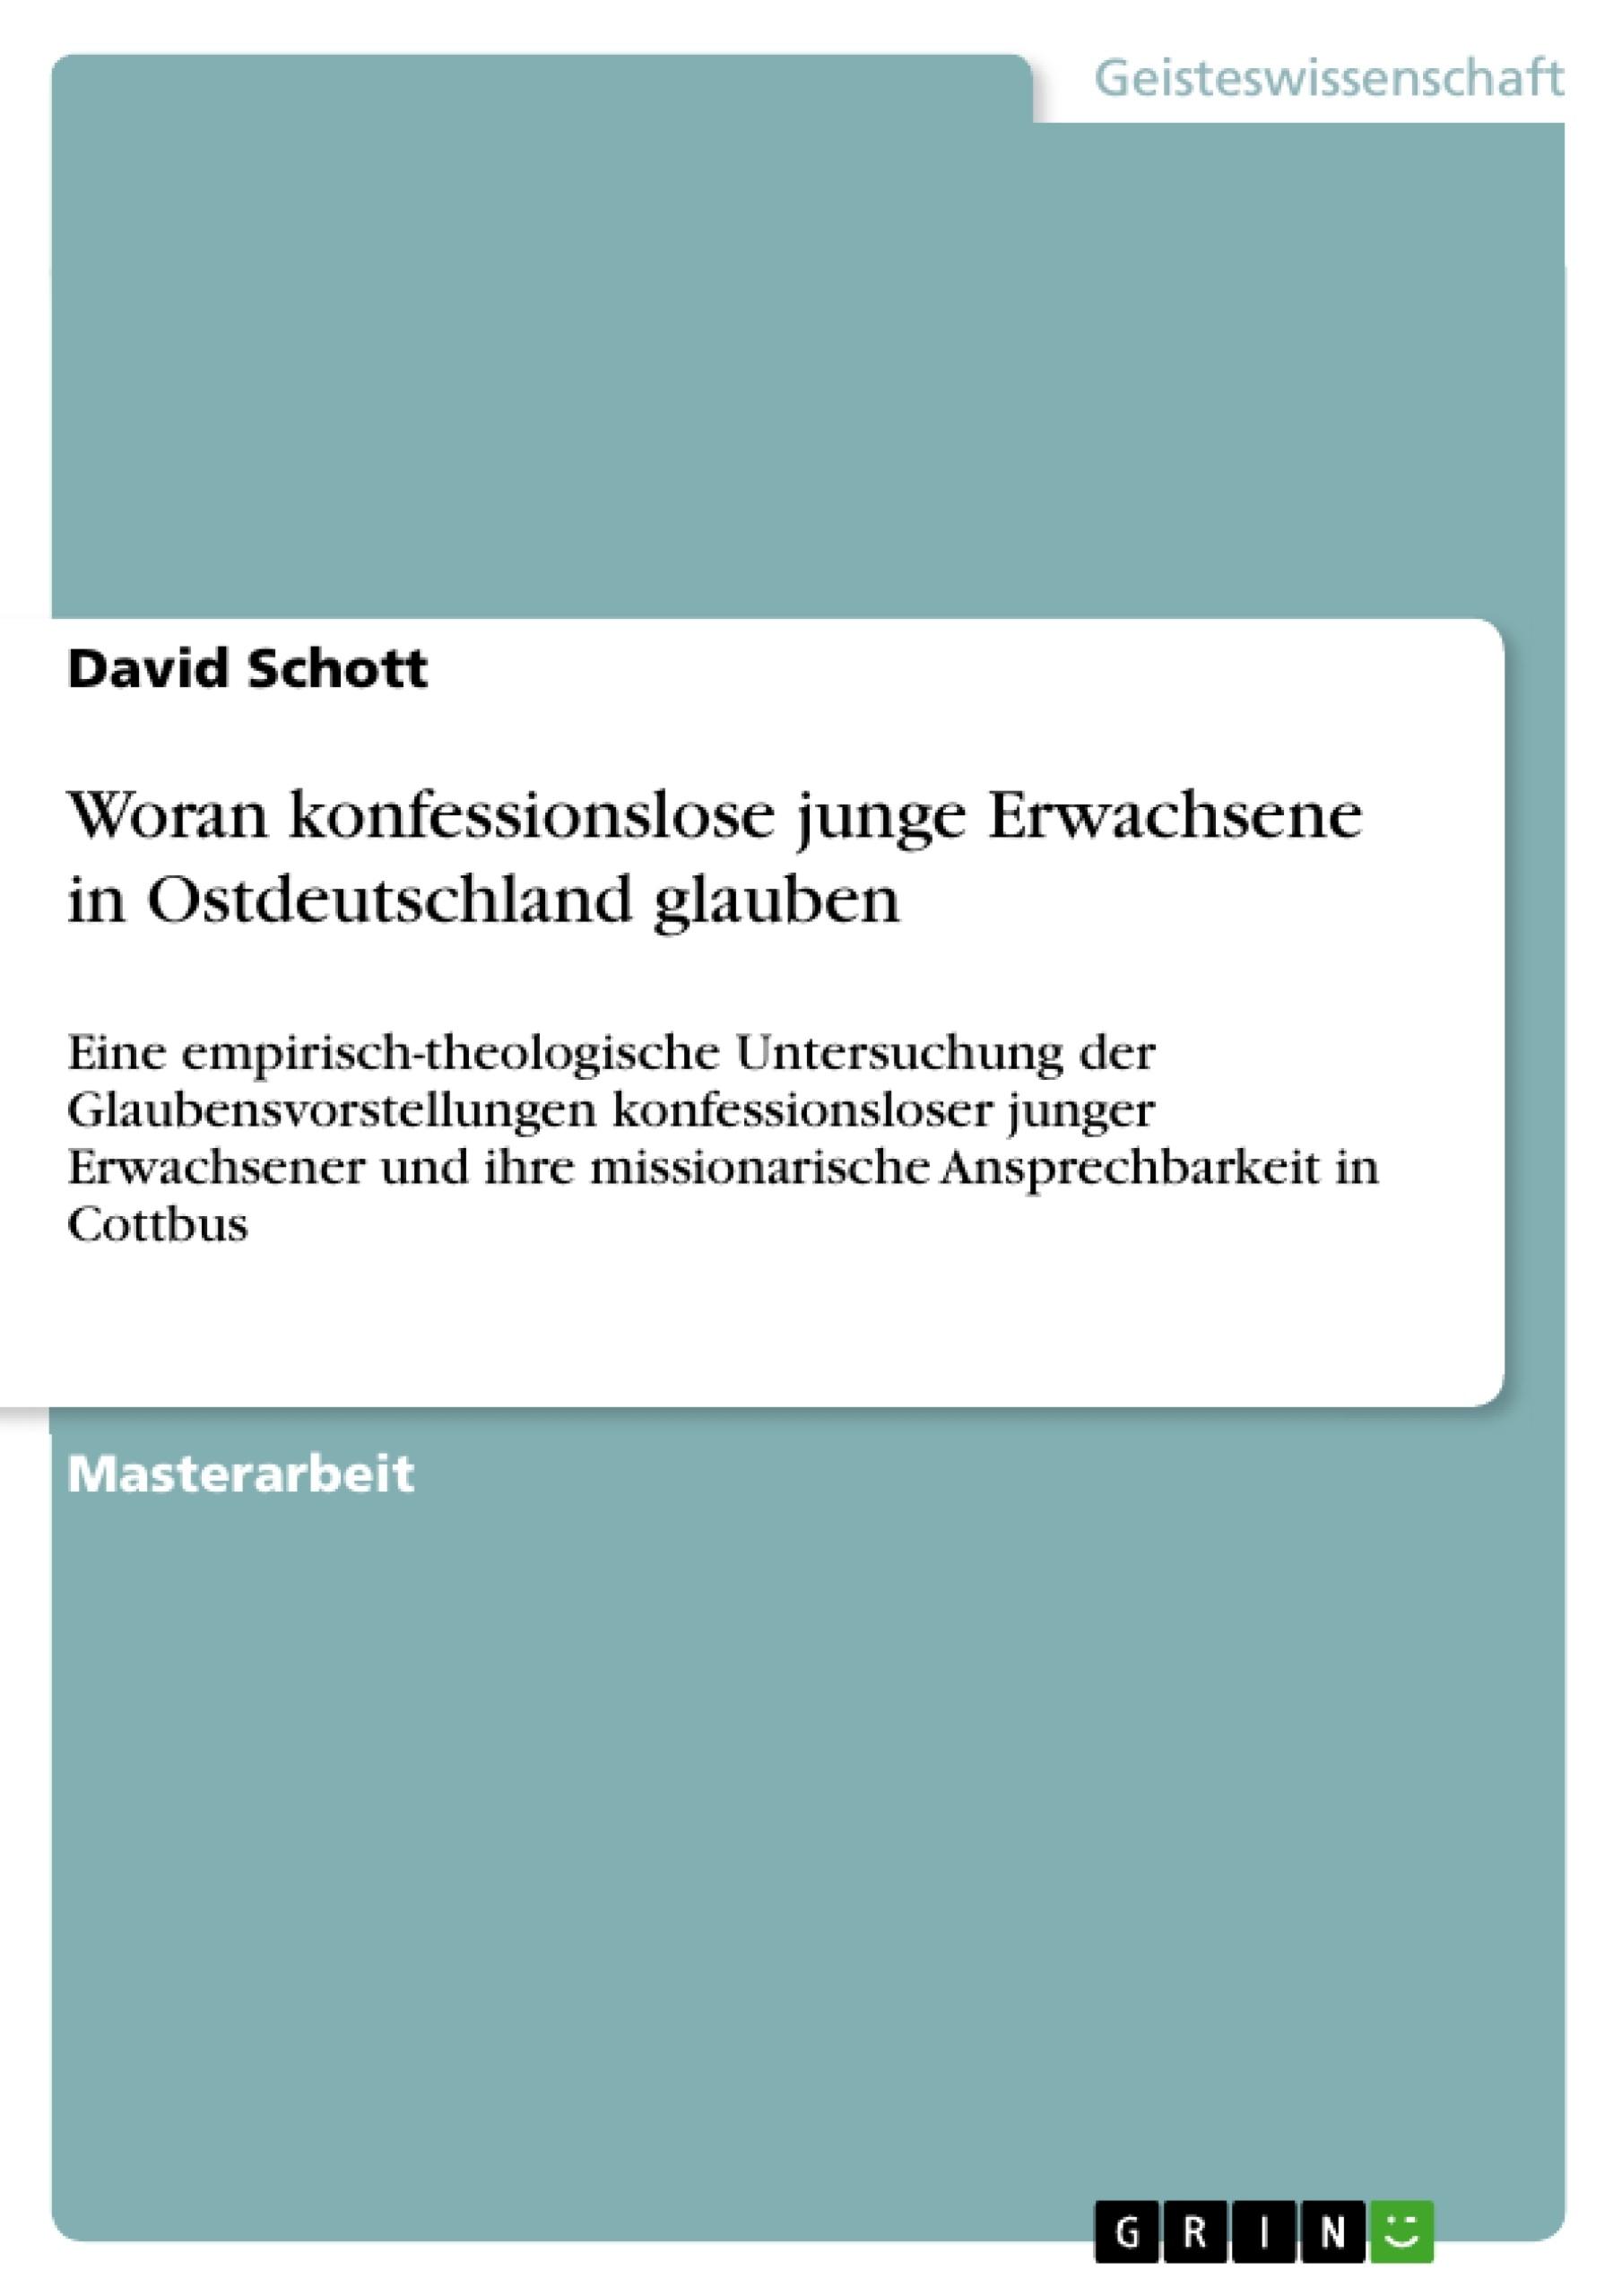 Titel: Woran konfessionslose junge Erwachsene in Ostdeutschland glauben